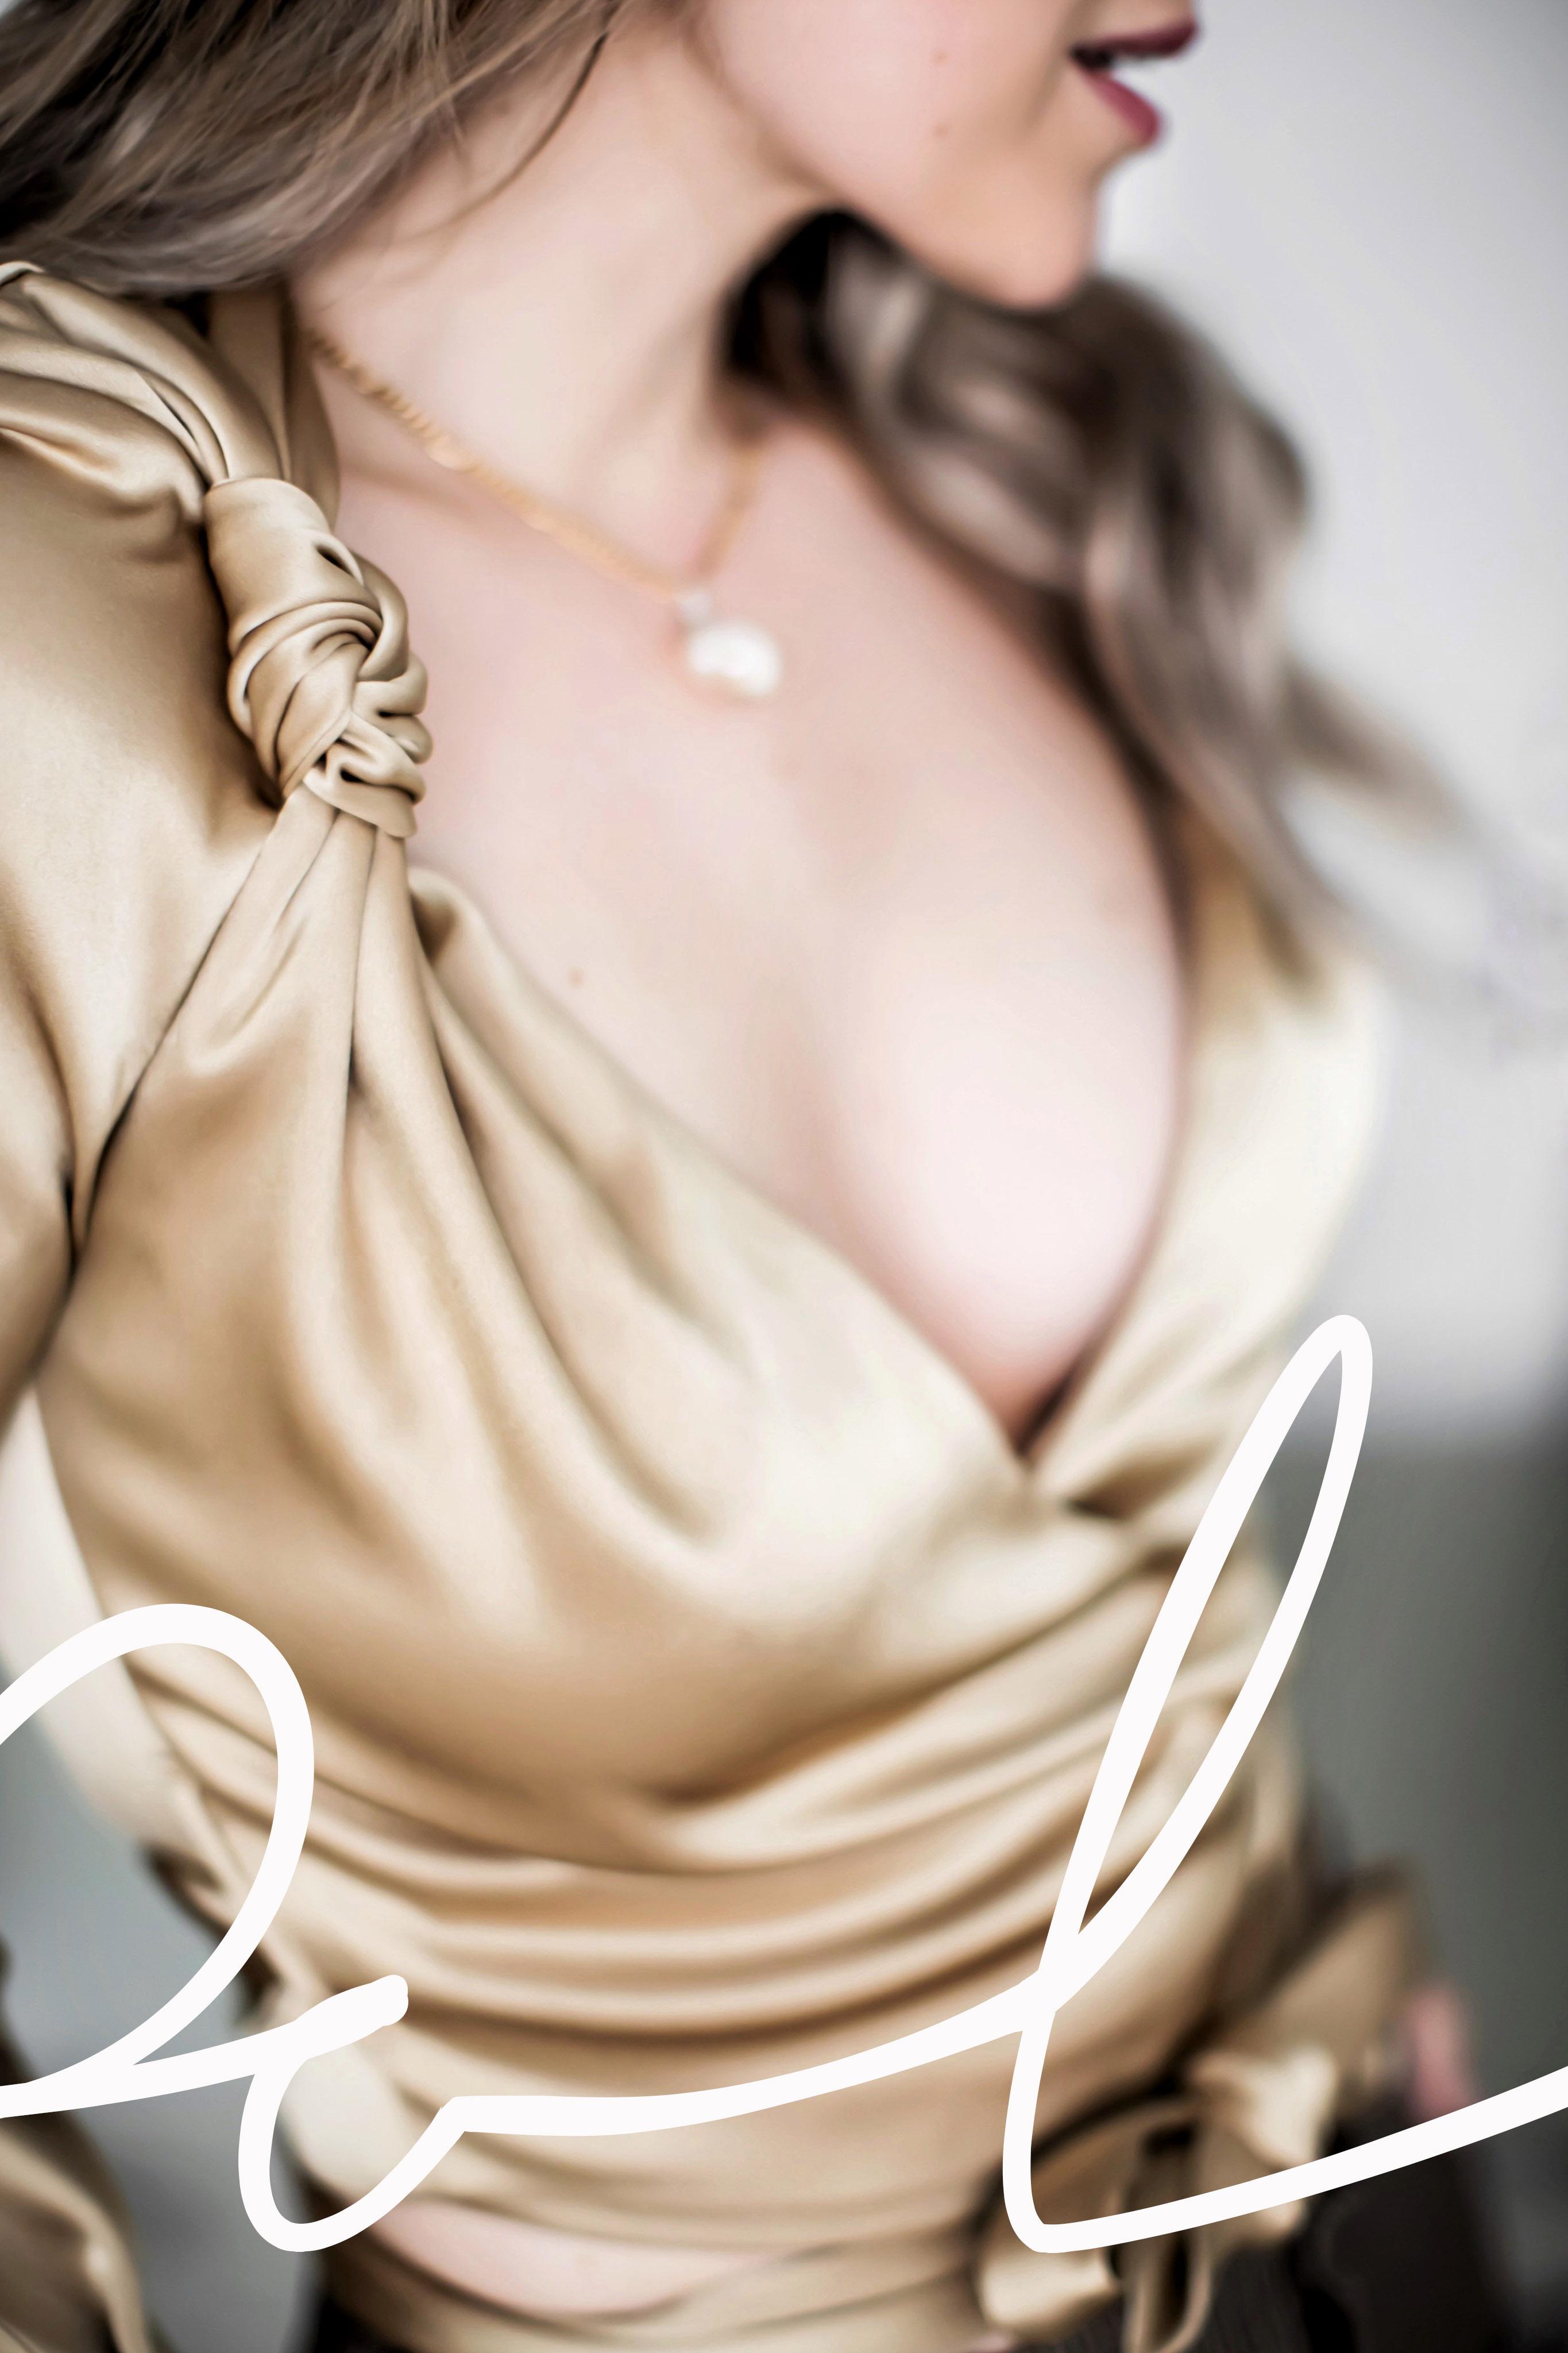 uegs du trägst polyester due guten seiten an dem künstlichen stoff